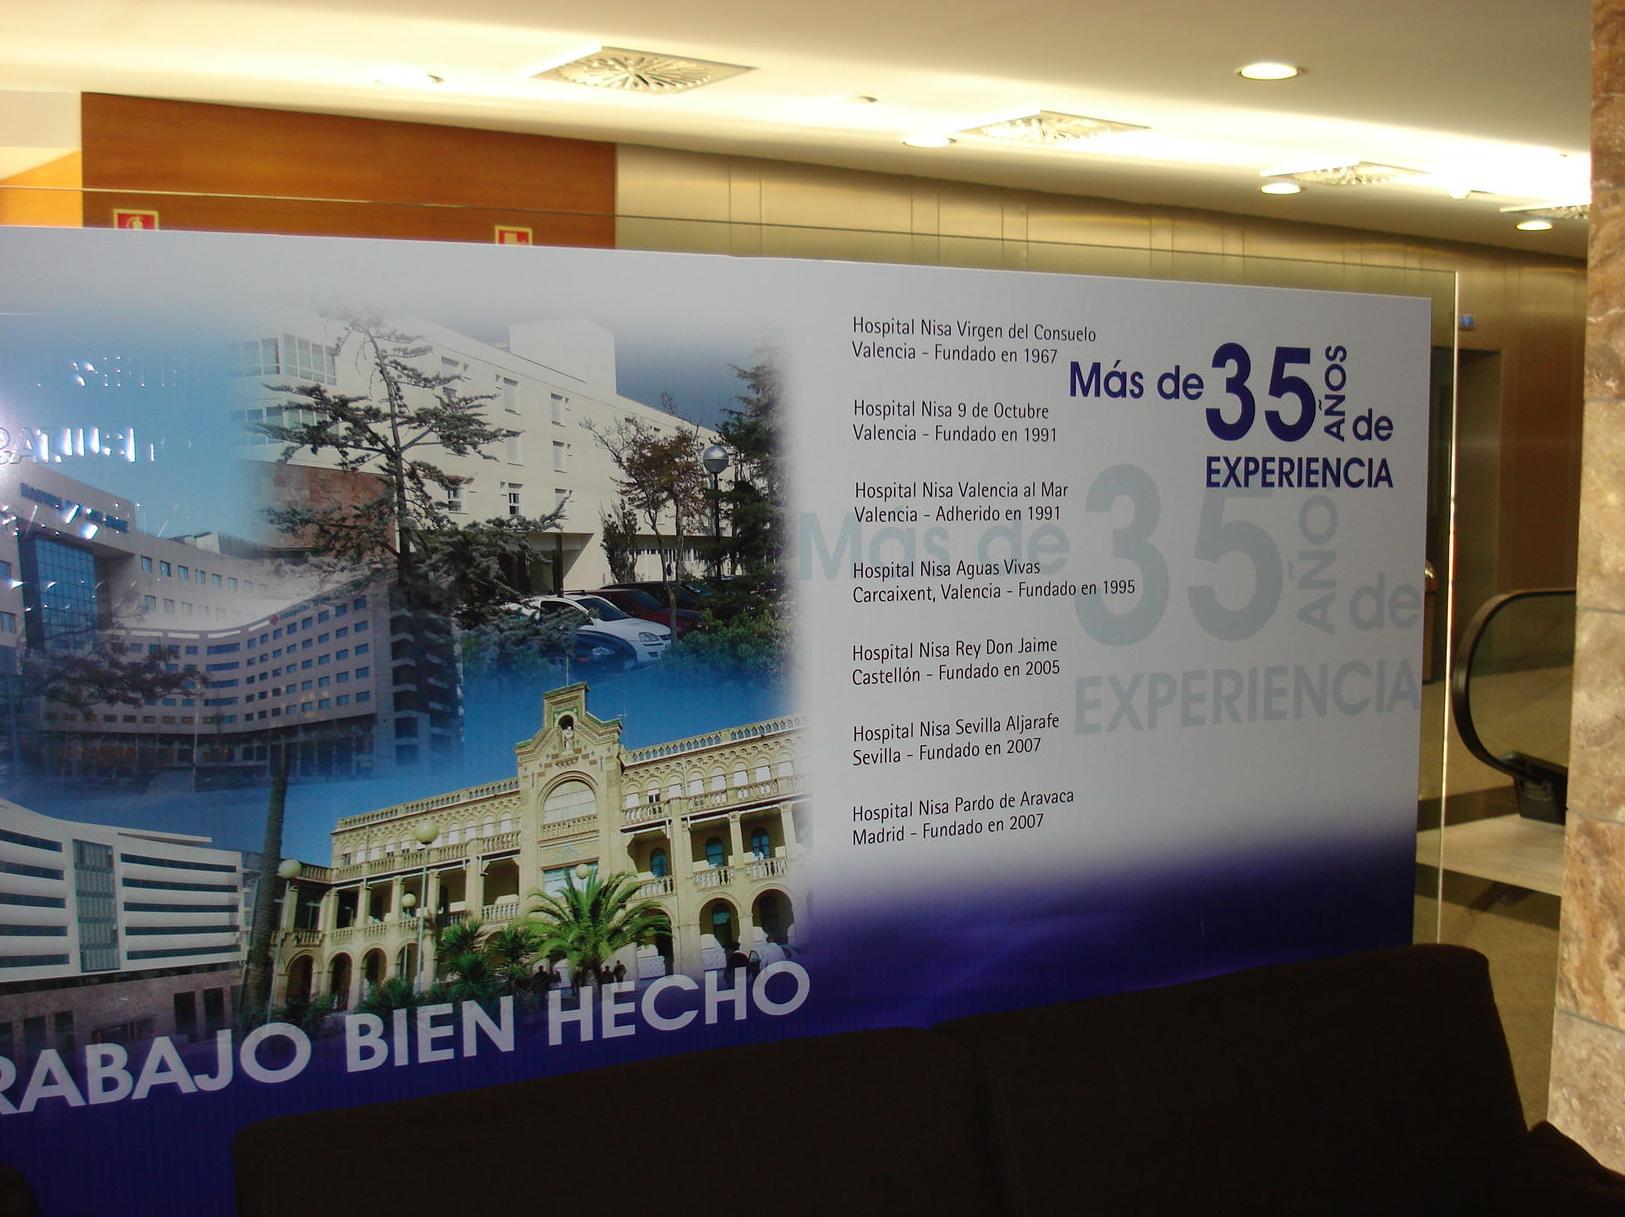 Foto 7 de Diseño gráfico en Mairena del Aljarafe | Torreisabel, S.L.